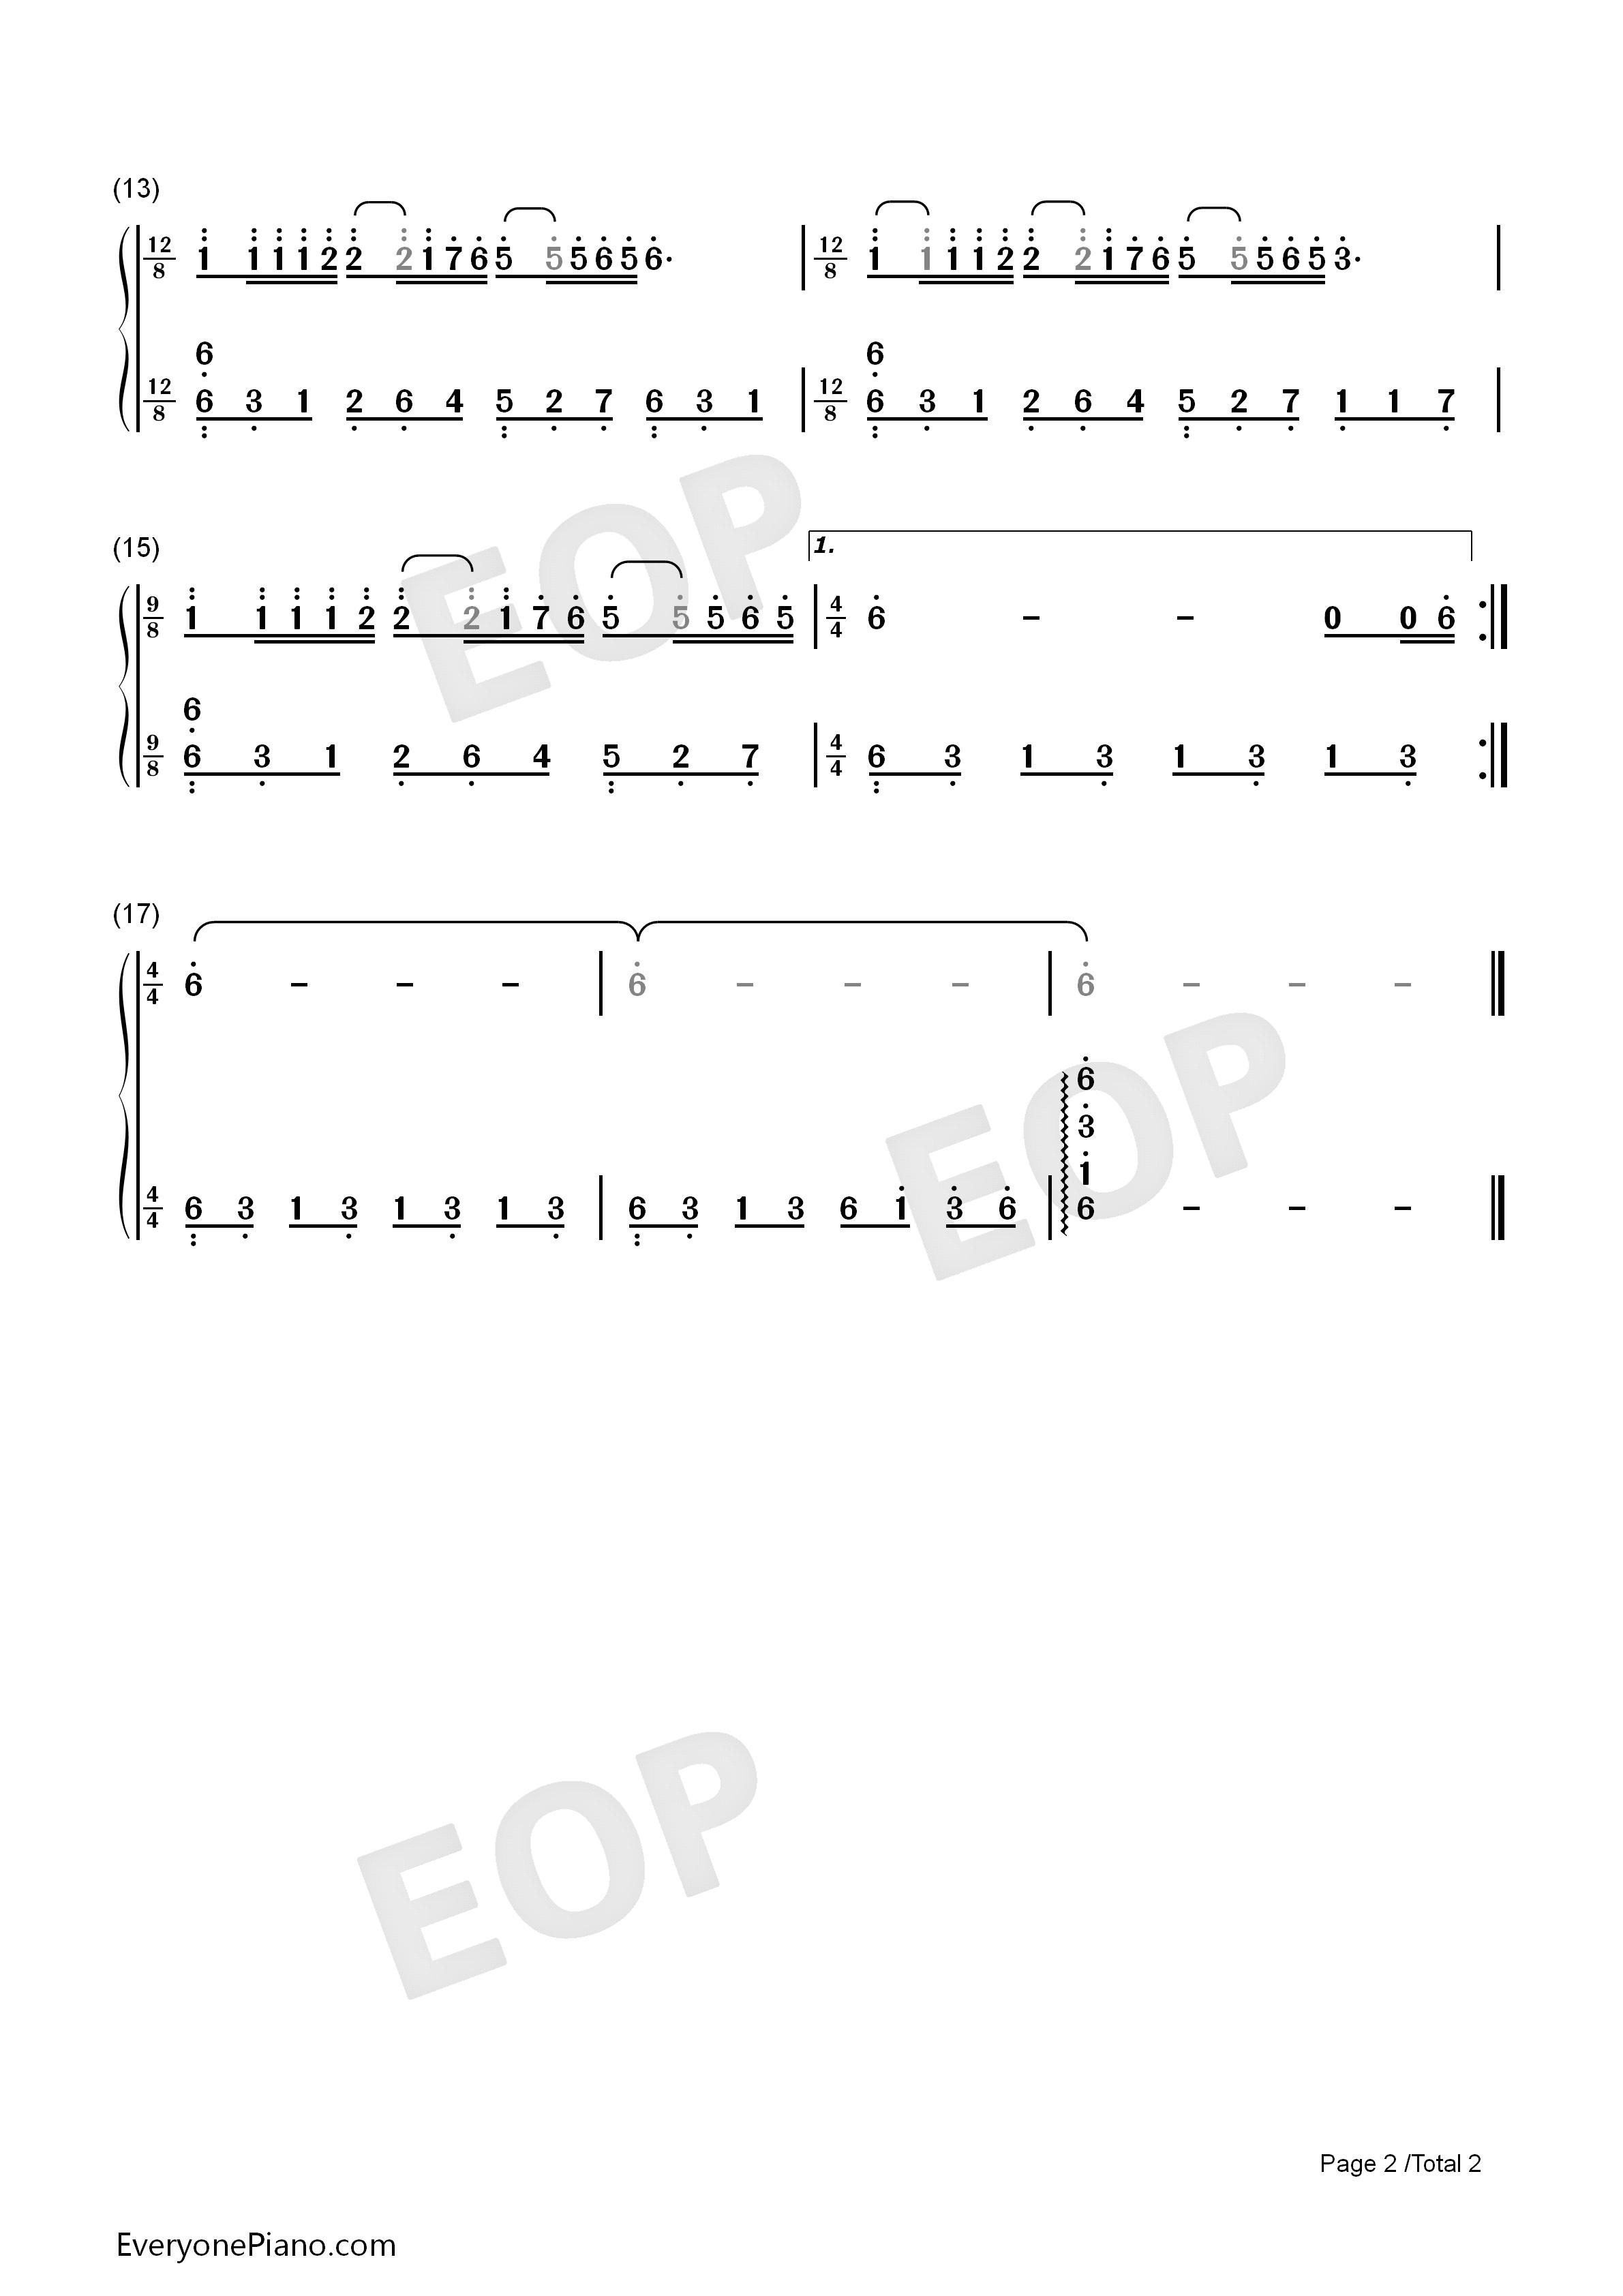 钢琴曲谱 经典 梦中的婚礼-简单版 梦中的婚礼-简单版双手简谱预览2